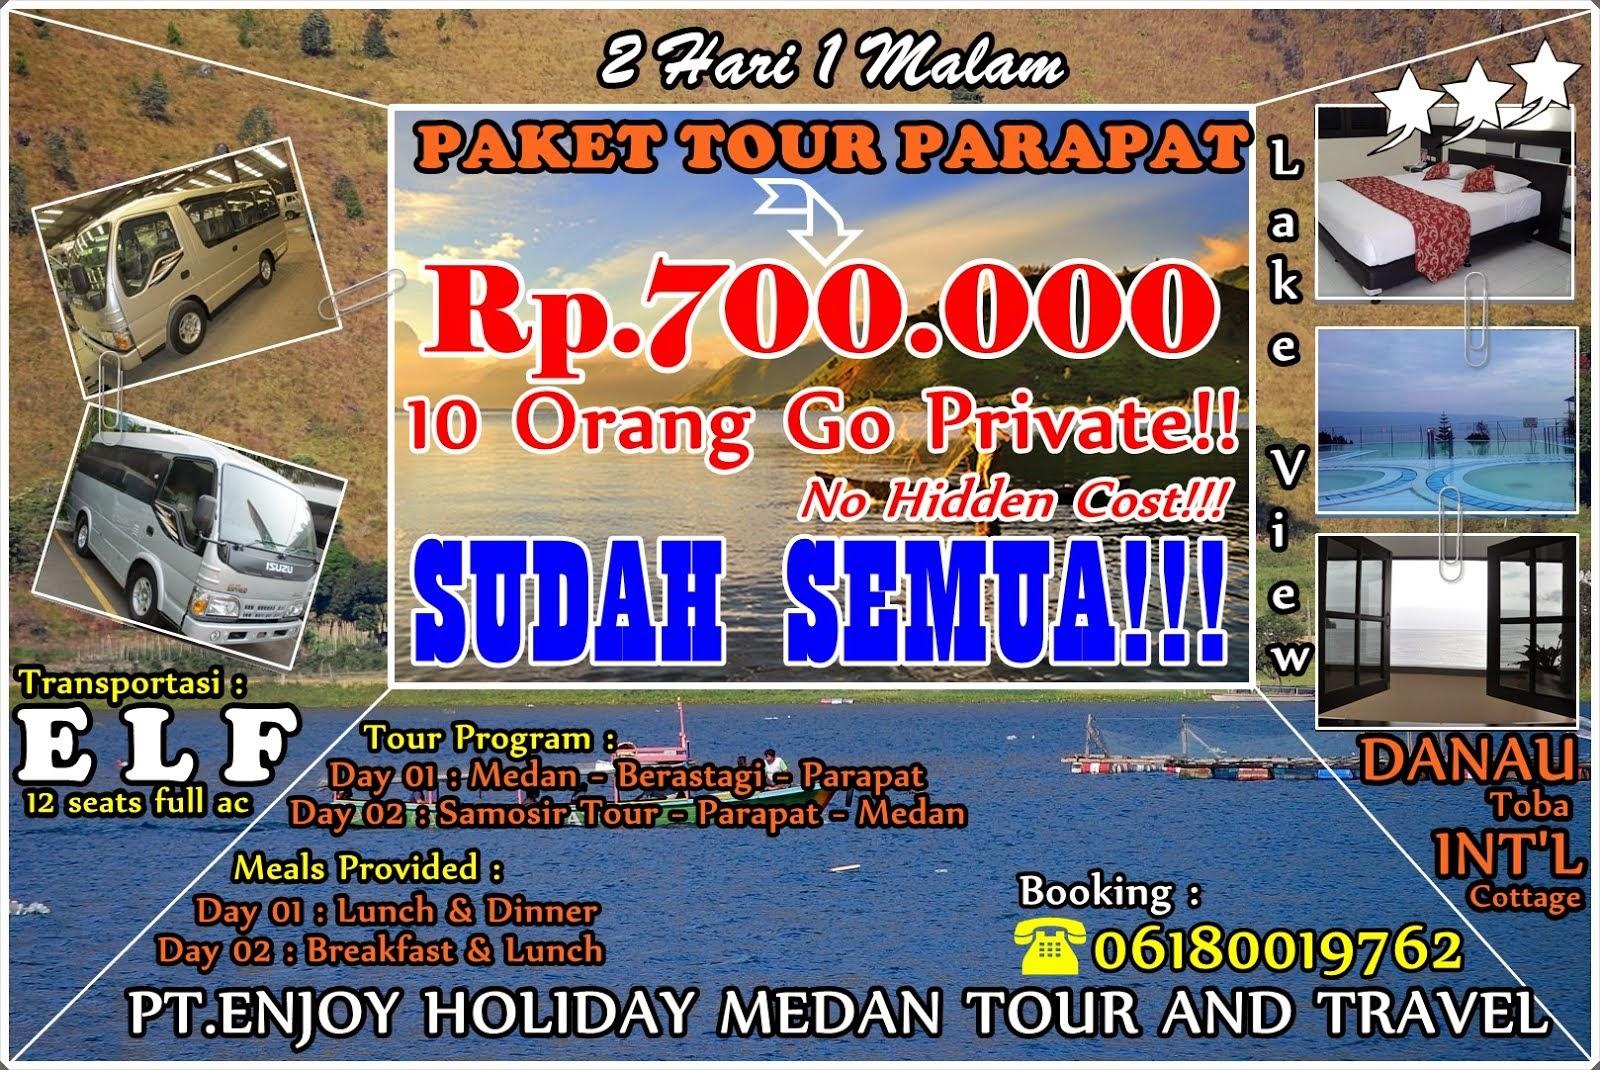 PROMO 2H1M HANYA 700.000 - 10 ORANG GO PRIVATE  TOUR - SUDAH SEMUA - TANPA BIAYA TAMBAHAN!!!